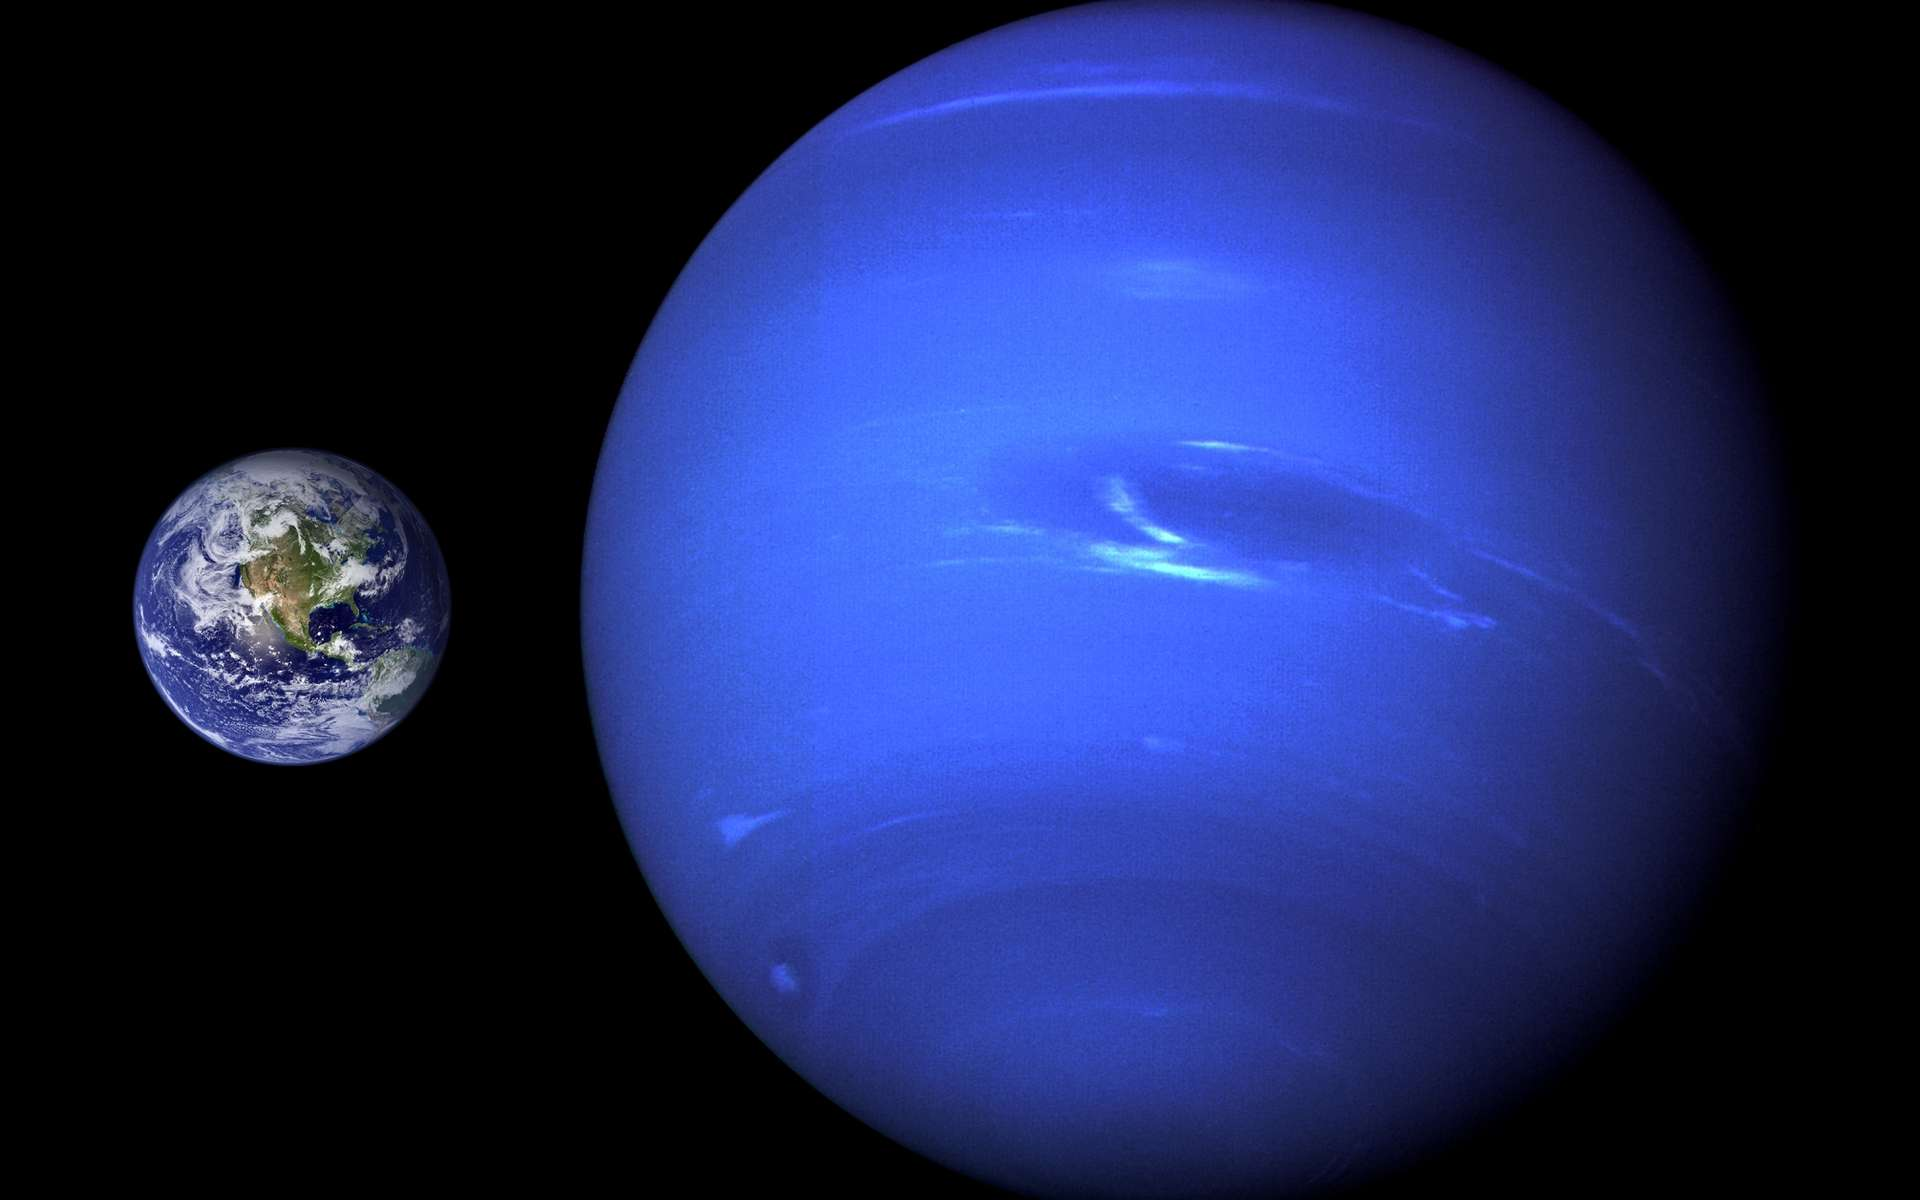 Une comparaison entre la taille de la Terre et celle de Neptune. On connaît bien mieux l'intérieur de notre planète que celle de la géante. On a toutefois quelques idées sur ce qui peut se cacher sous les couches de nuages photographiées ici par la sonde Voyager. Neptune pourrait ainsi contenir de « l'acide d'Hitler », tout comme Uranus. © Nasa